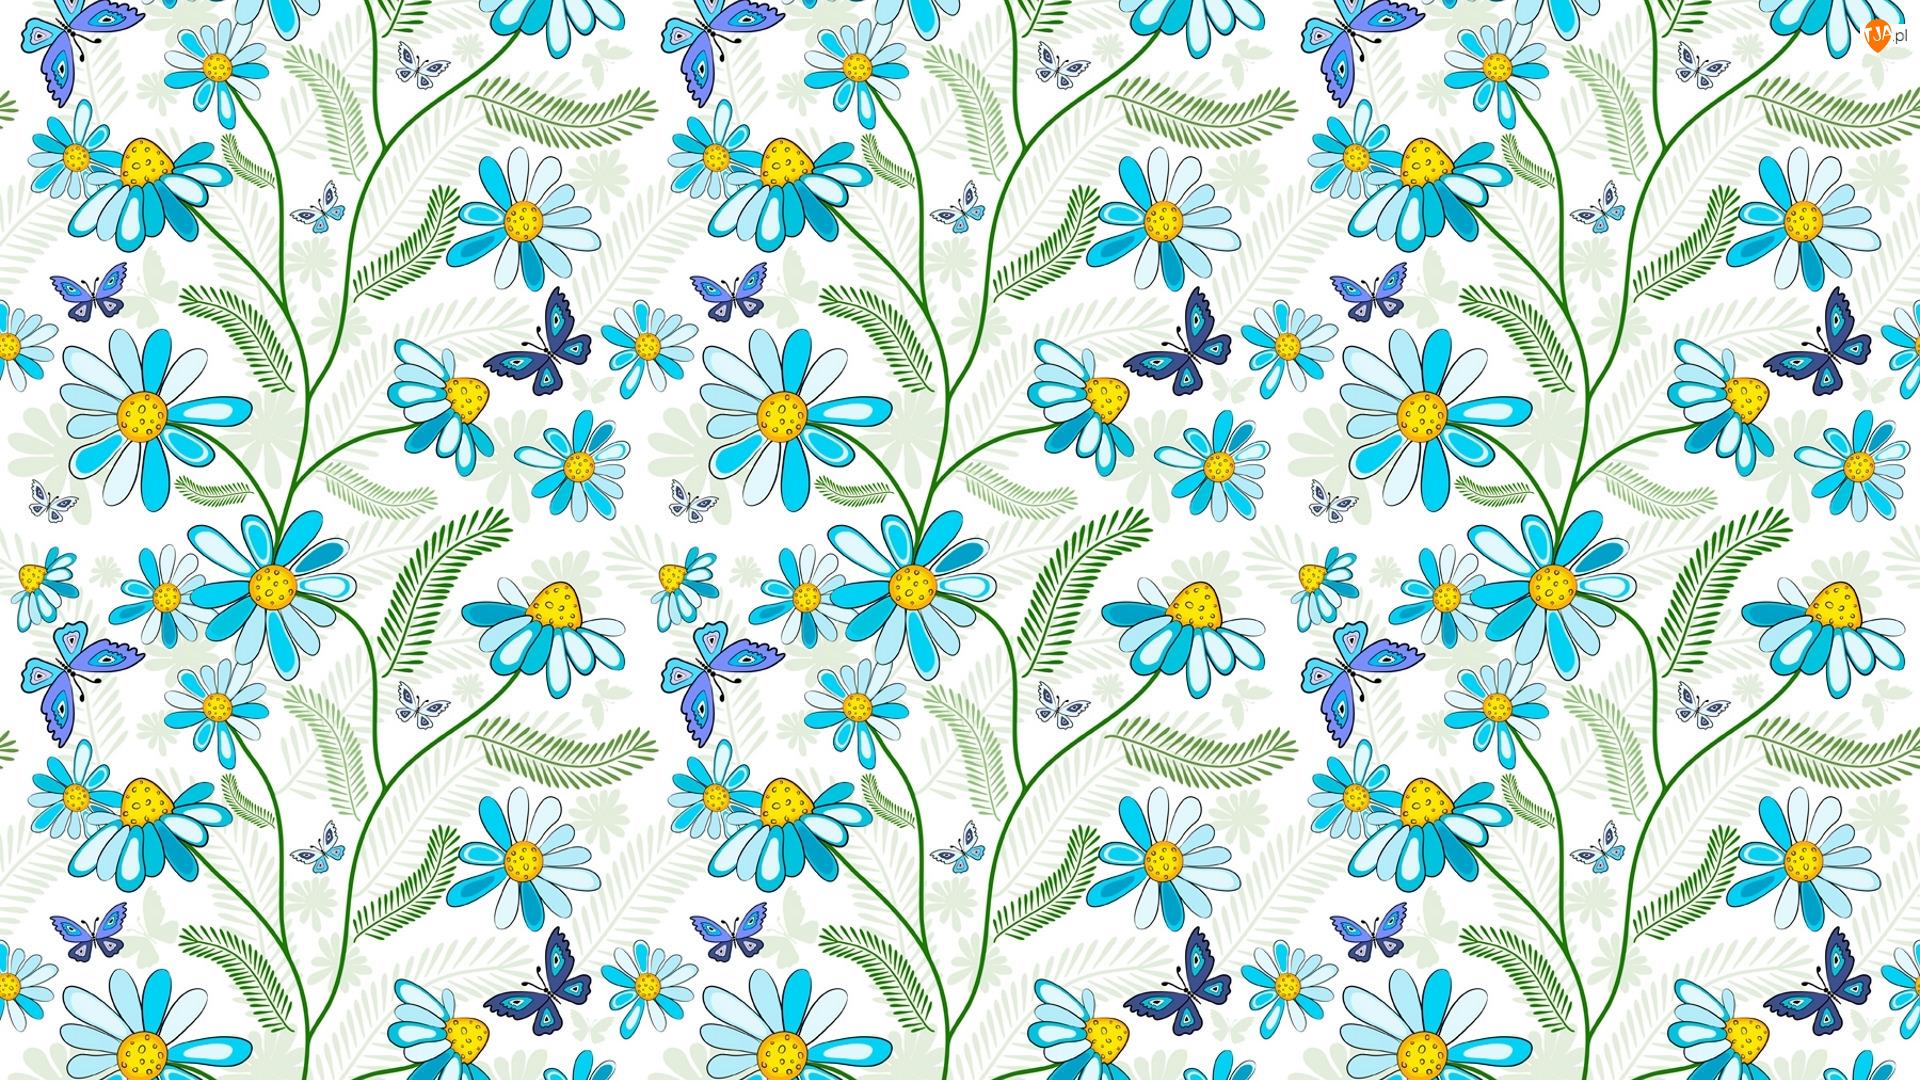 Niebieski, Tekstura, Kwiaty, Motylki, Wzór